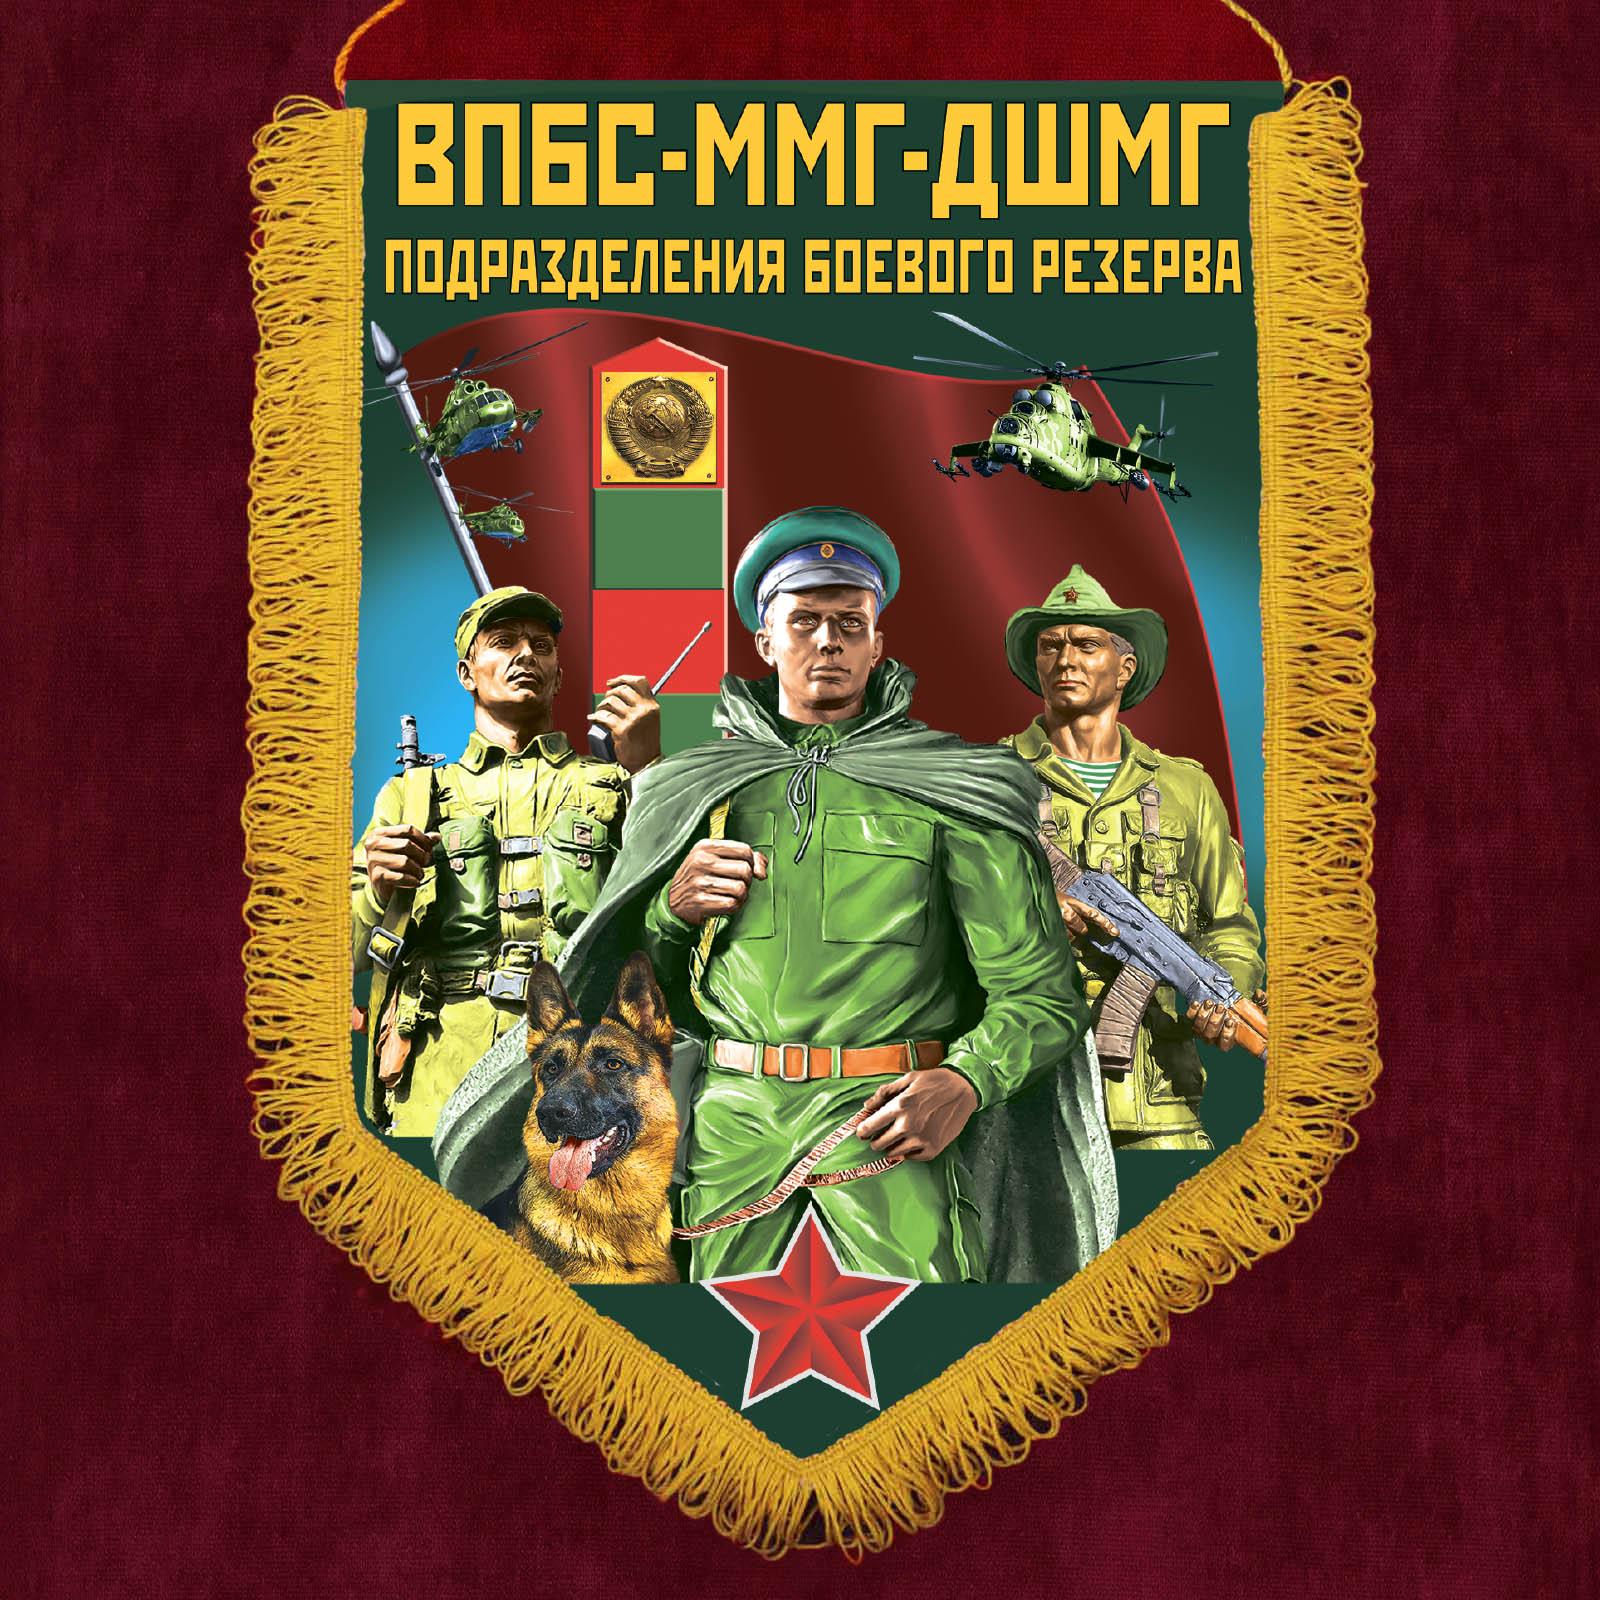 """Настенный вымпел """"ВПБС-ММГ-ДШМГ – подразделения боевого резерва"""""""